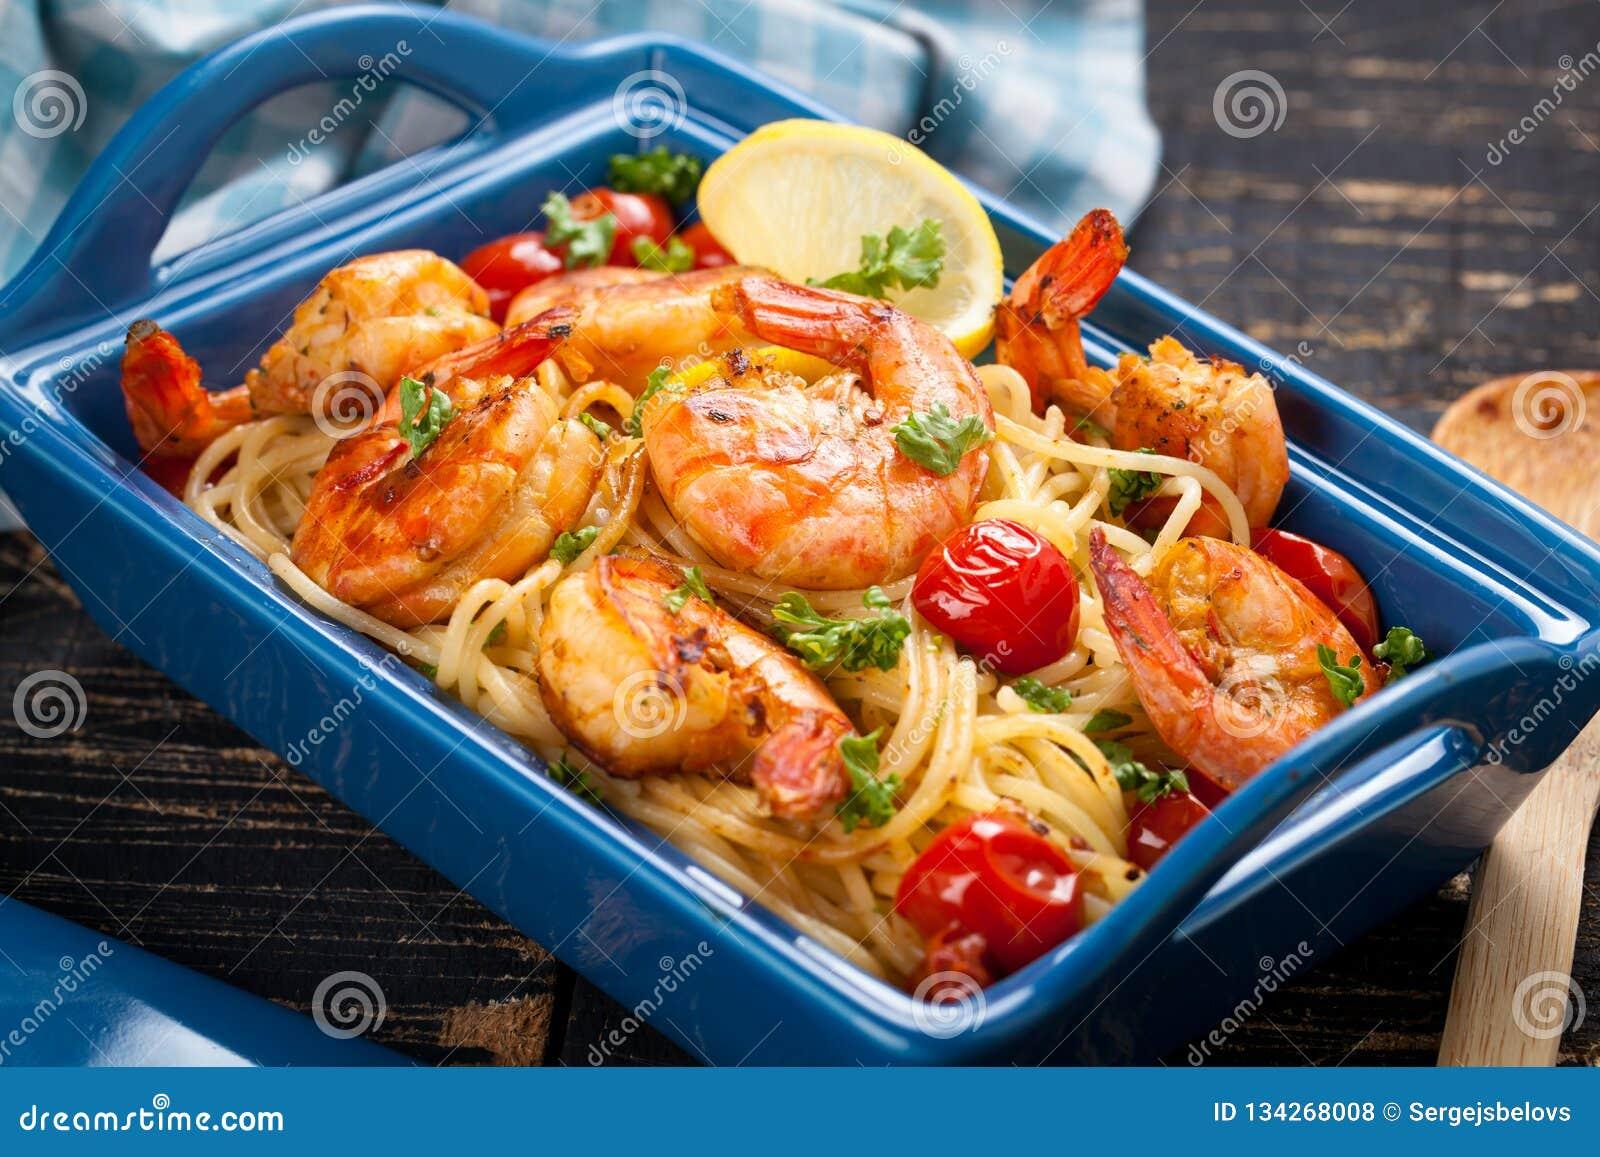 Angebratene Spaghettis mit gegrillten Garnelen und Tomaten - italienische Fusionsnahrungsmittelart